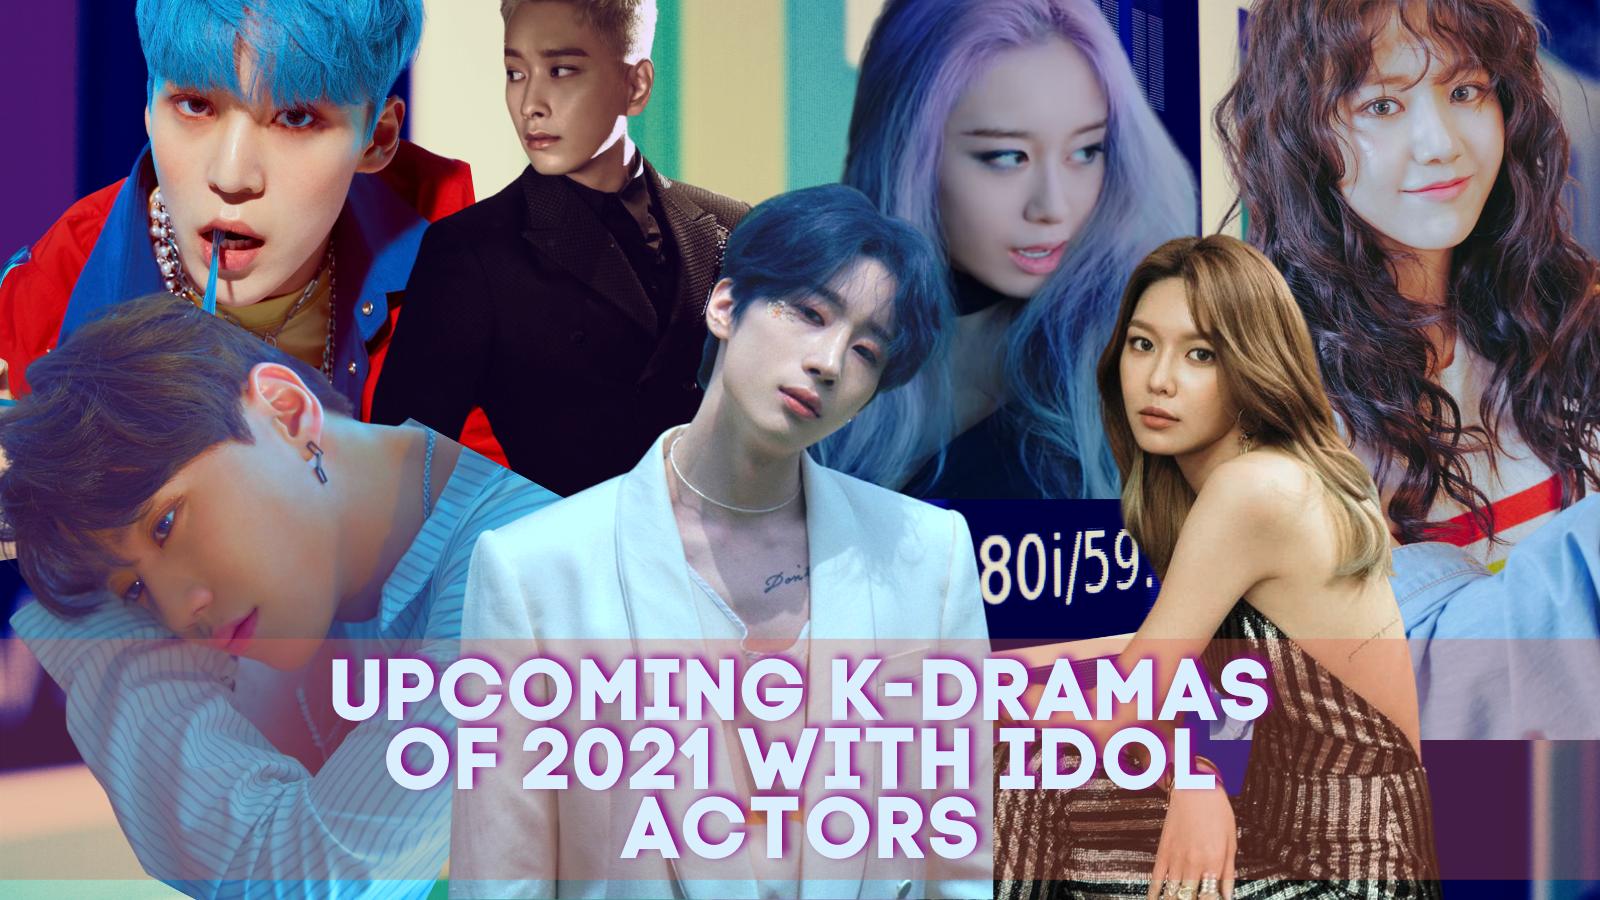 2021 K-dramas